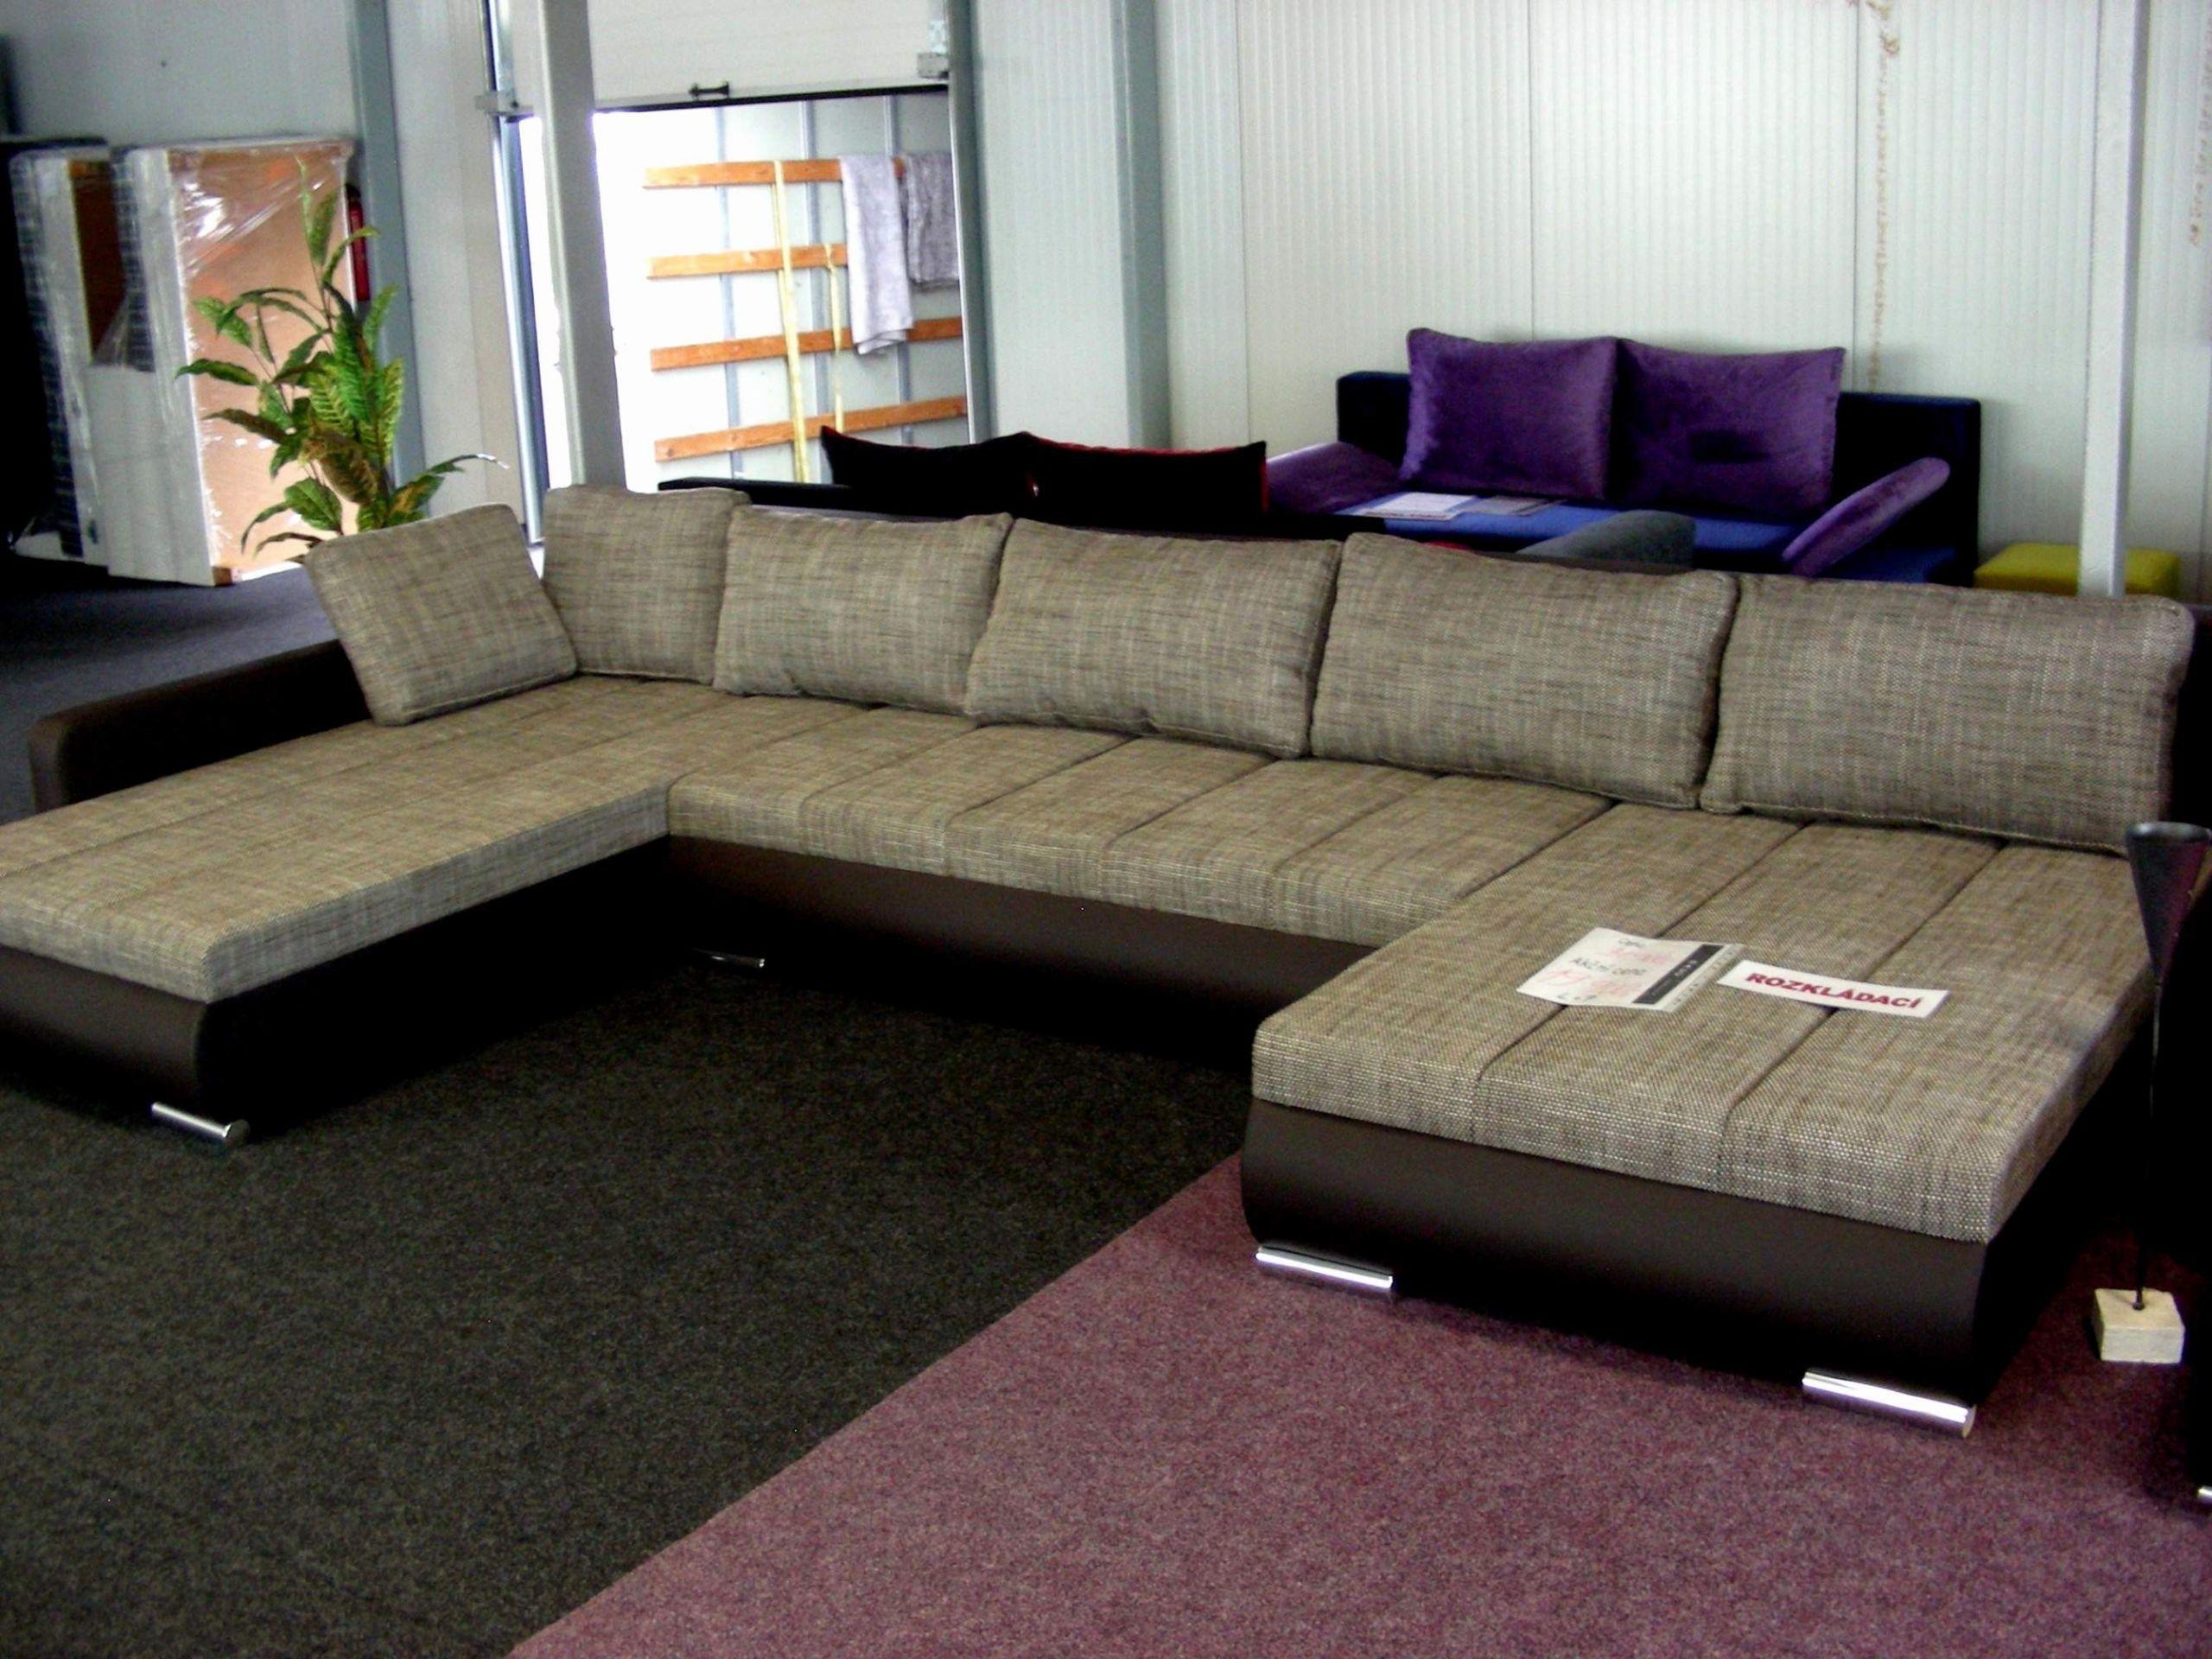 Full Size of Otto Grey Fabric Sofa Bed Two Seat Big Mit Bettfunktion Versand Schlaffunktion Couch Angebote Sale Sofatisch Angebot Ecksofa Und Bettkasten Chaise Große Wohnzimmer Otto Sofa